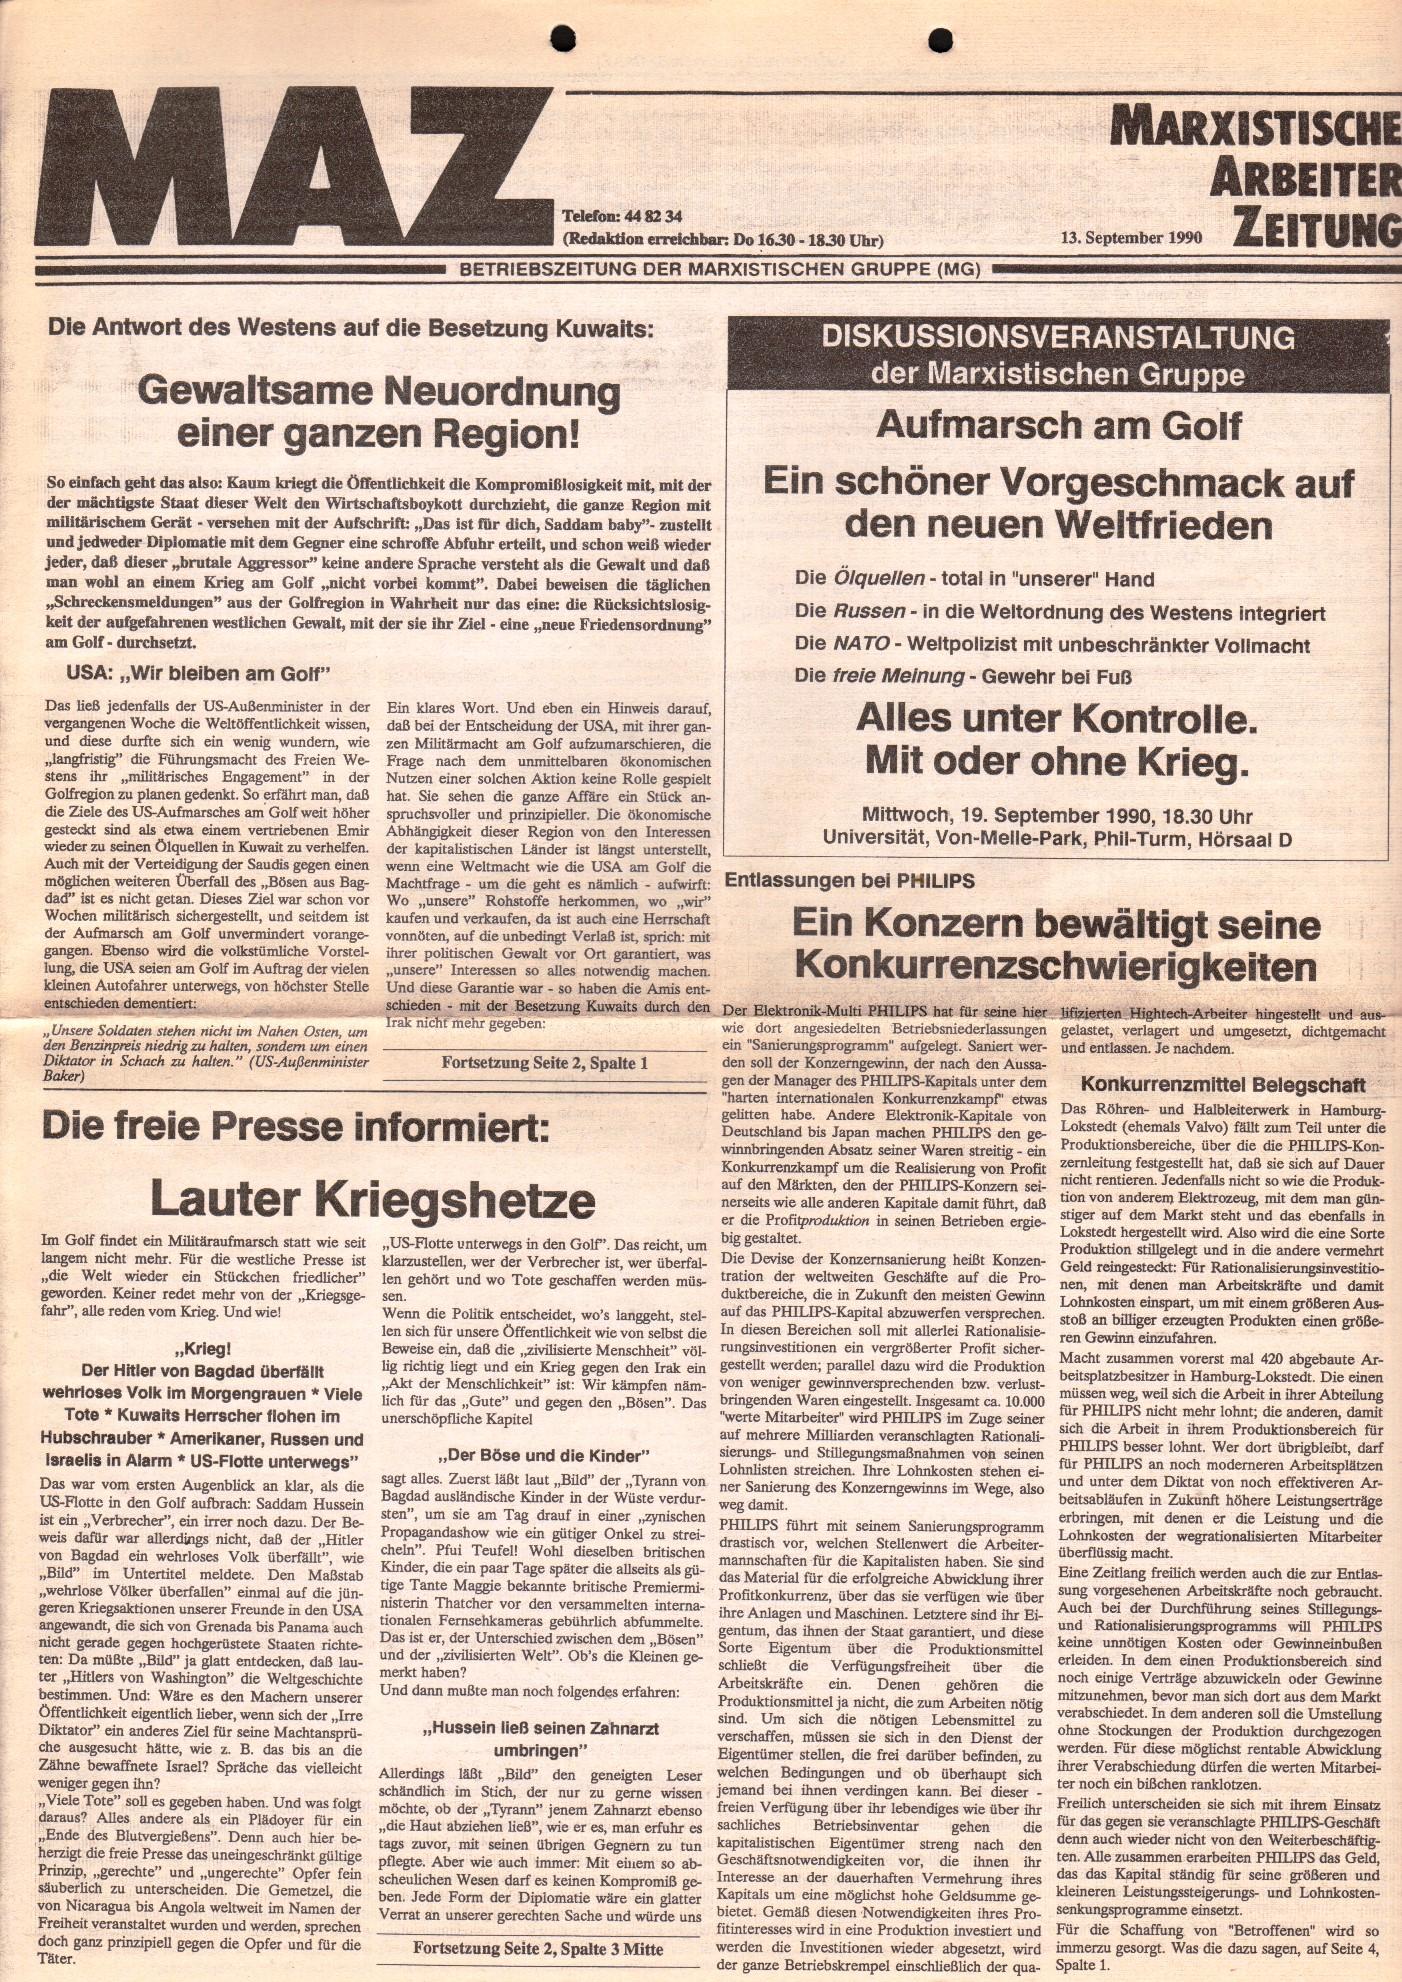 Hamburg_MG_MAZ_19900913_01